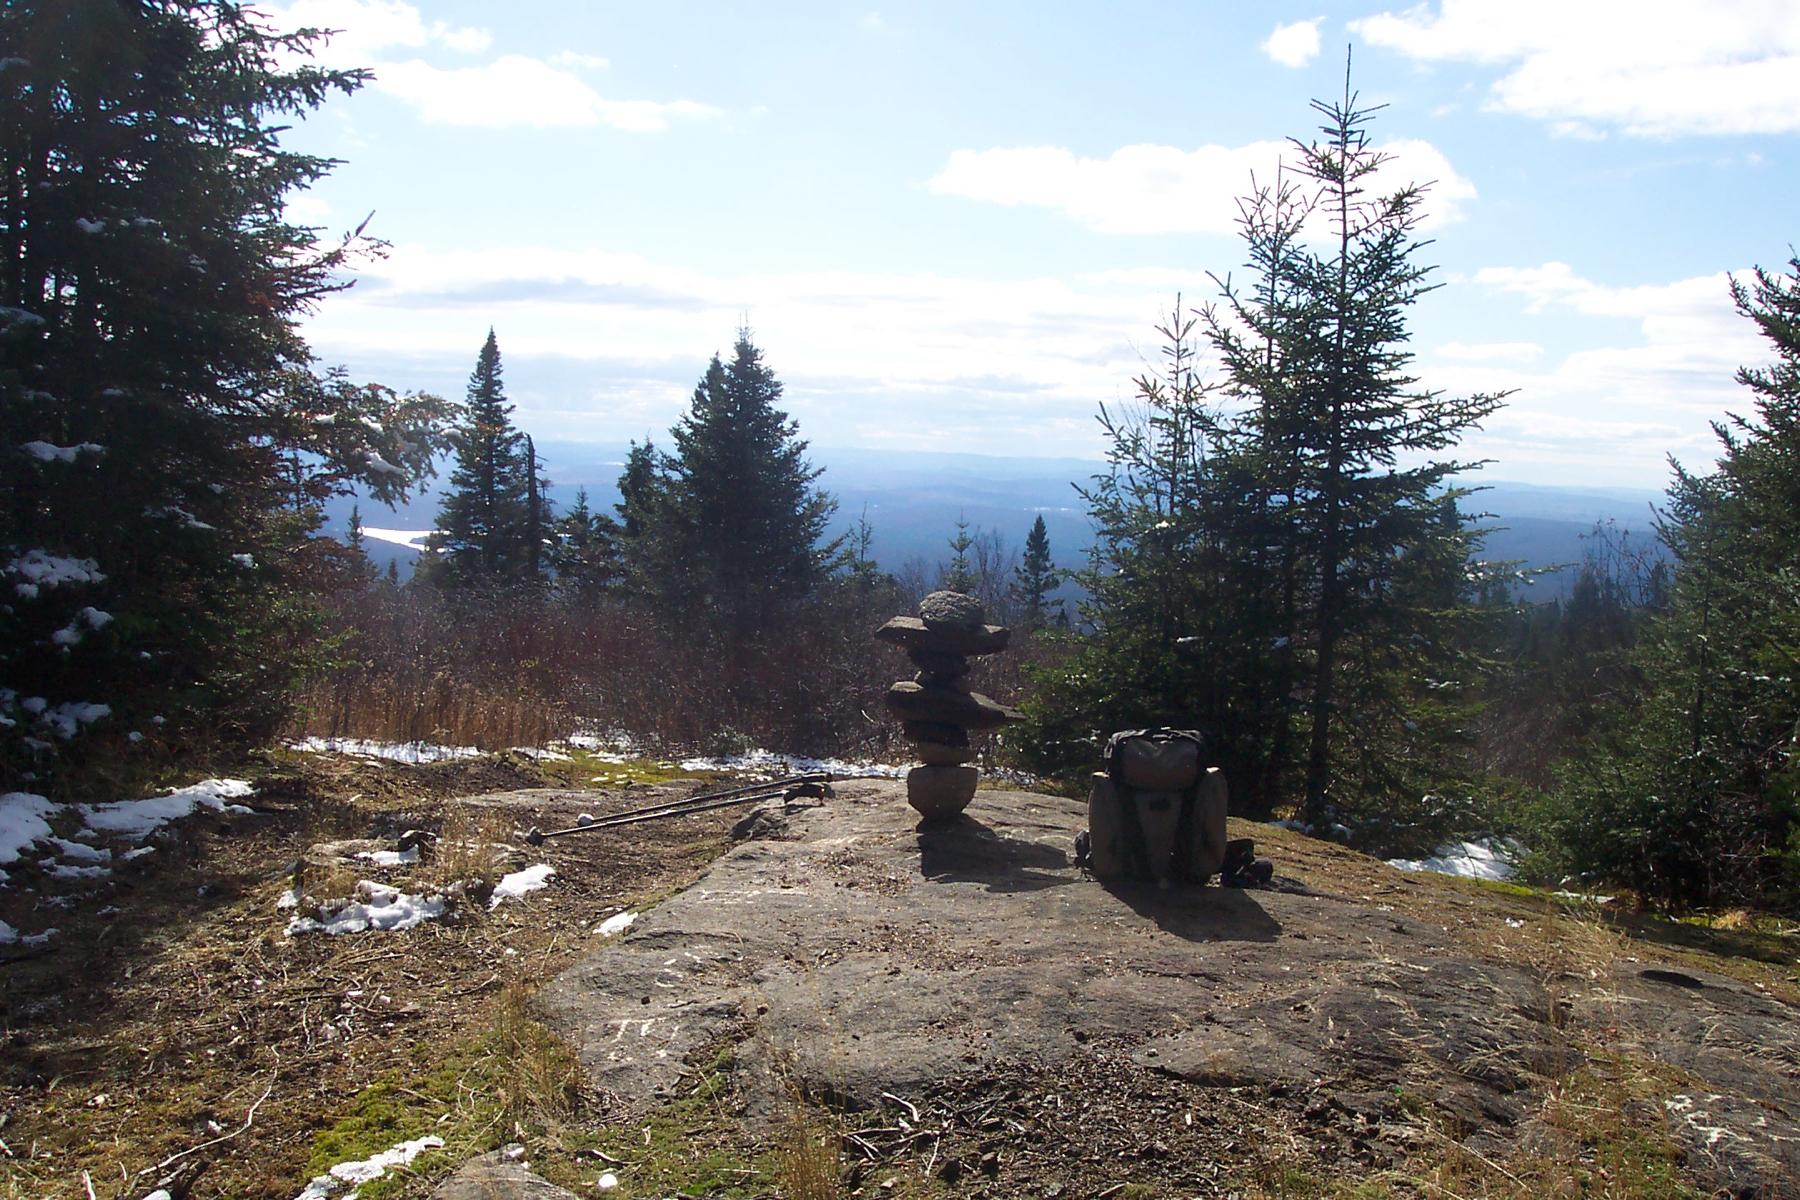 parc-montagne-du-diable-paysage-00137_1800x1200